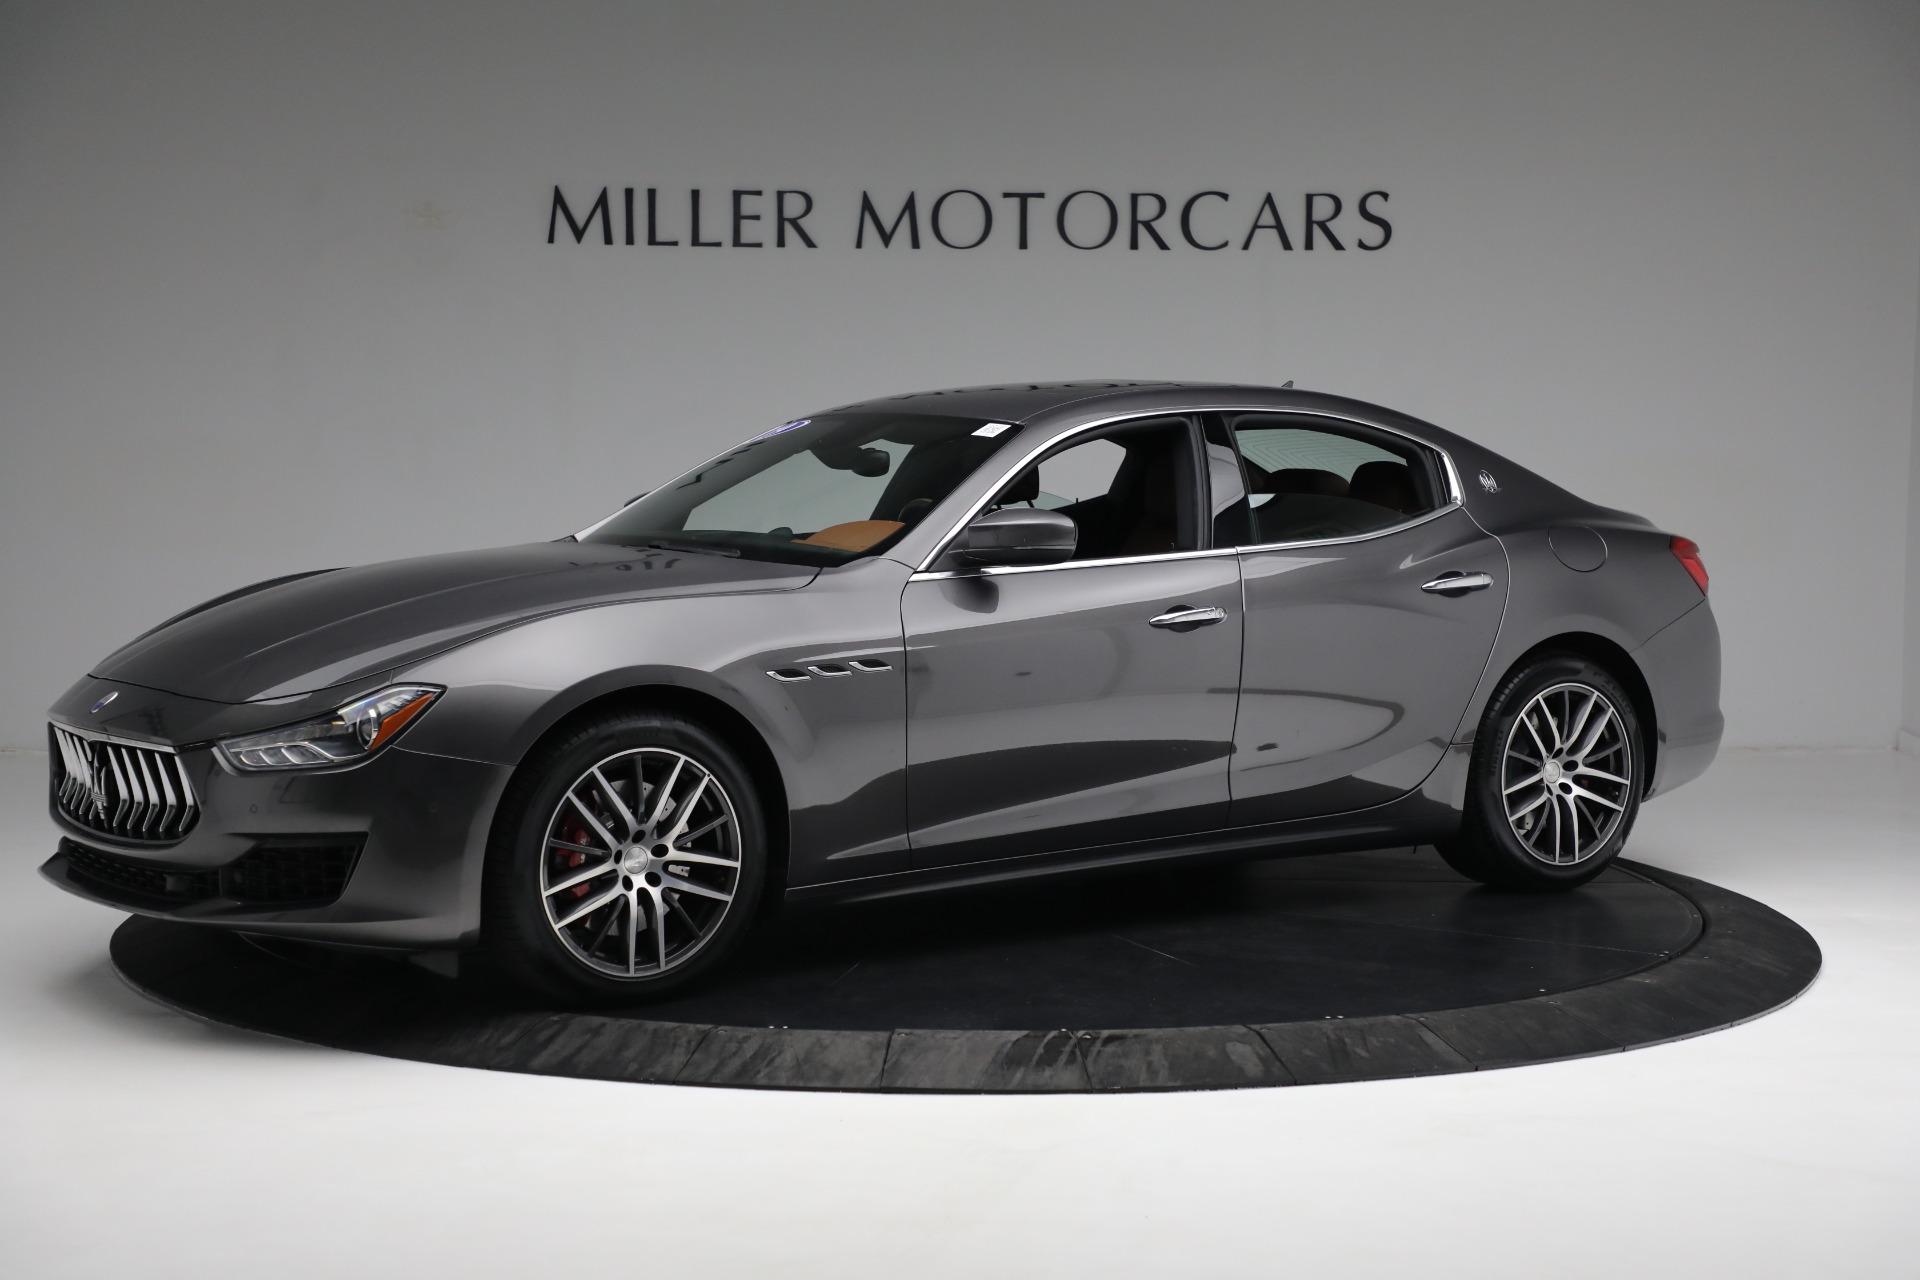 New 2019 Maserati Ghibli S Q4 For Sale In Greenwich, CT 3019_p2